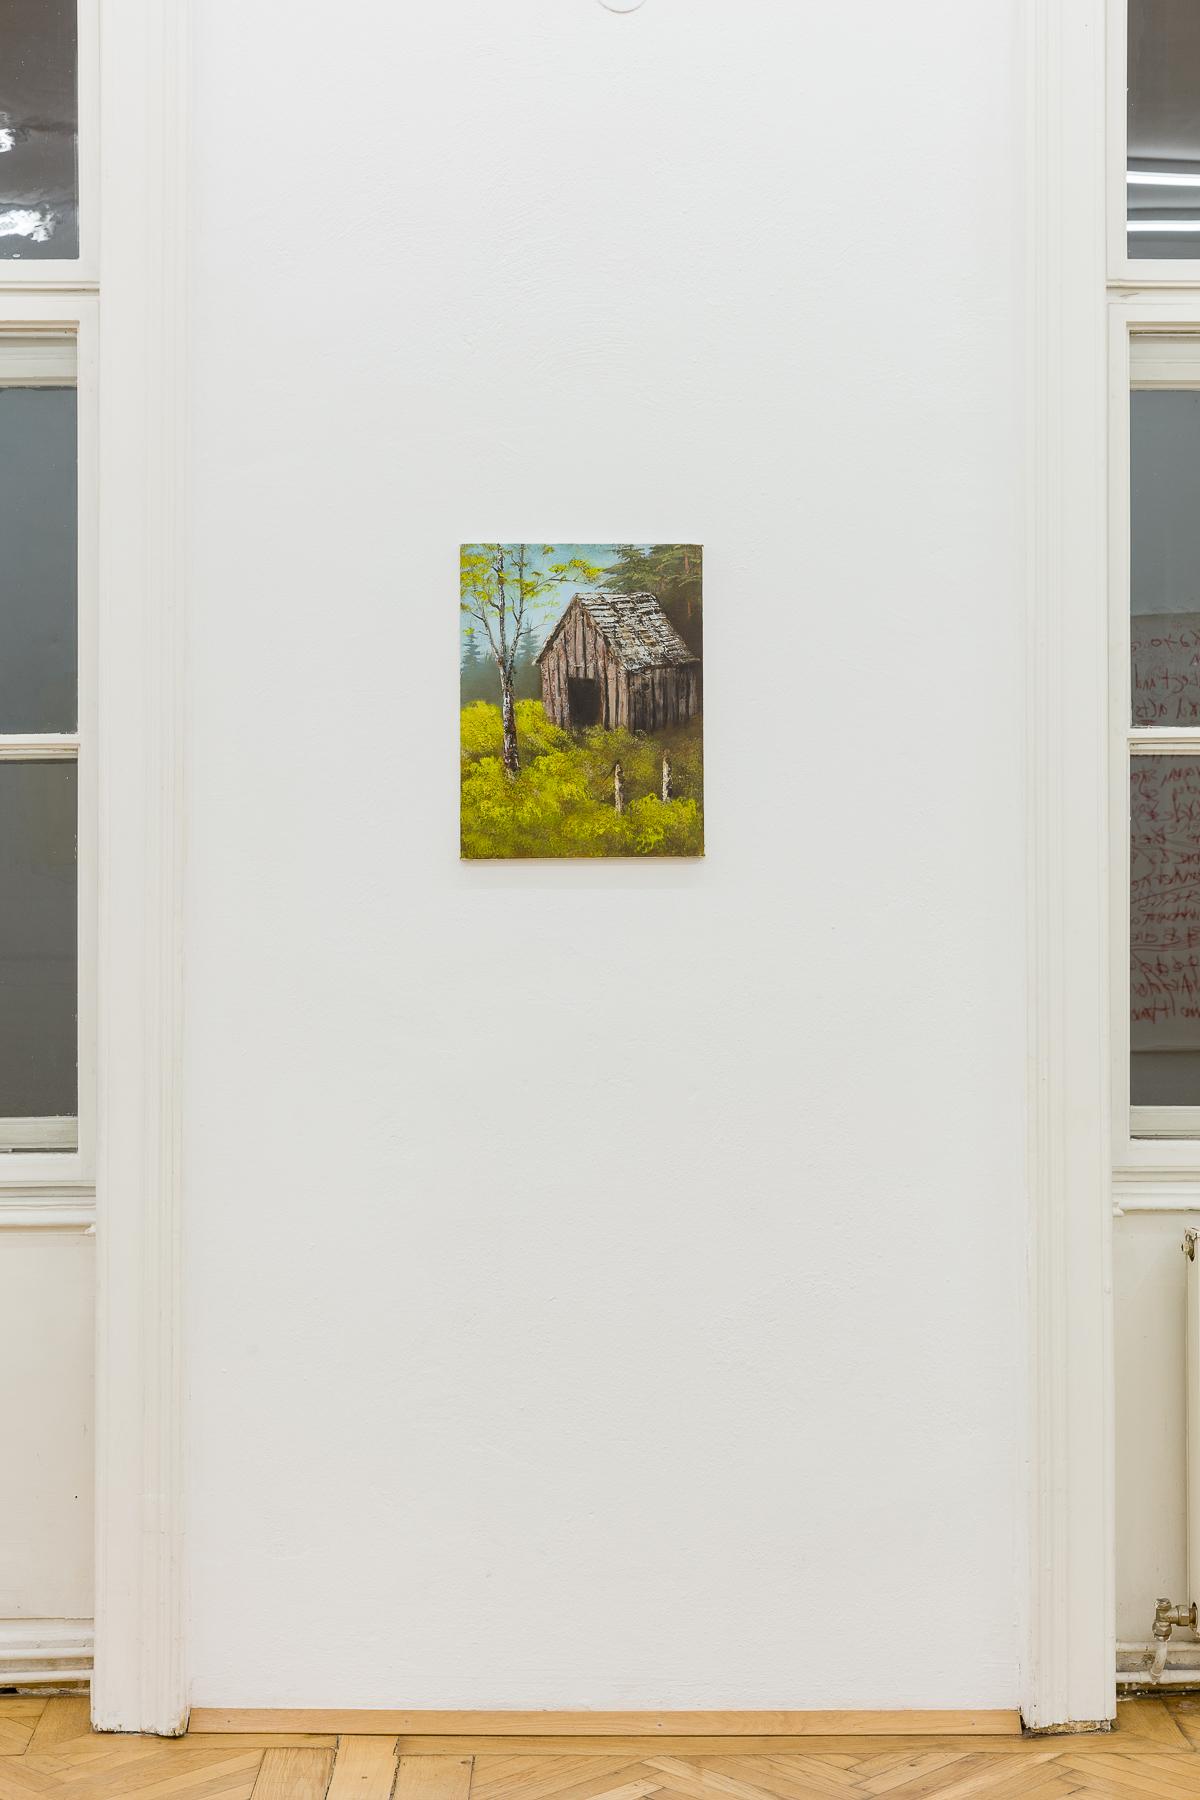 2019_03_13_Groupshow_Felix-Gaudlitz_kunst-dokumentation-com_034_web.jpg